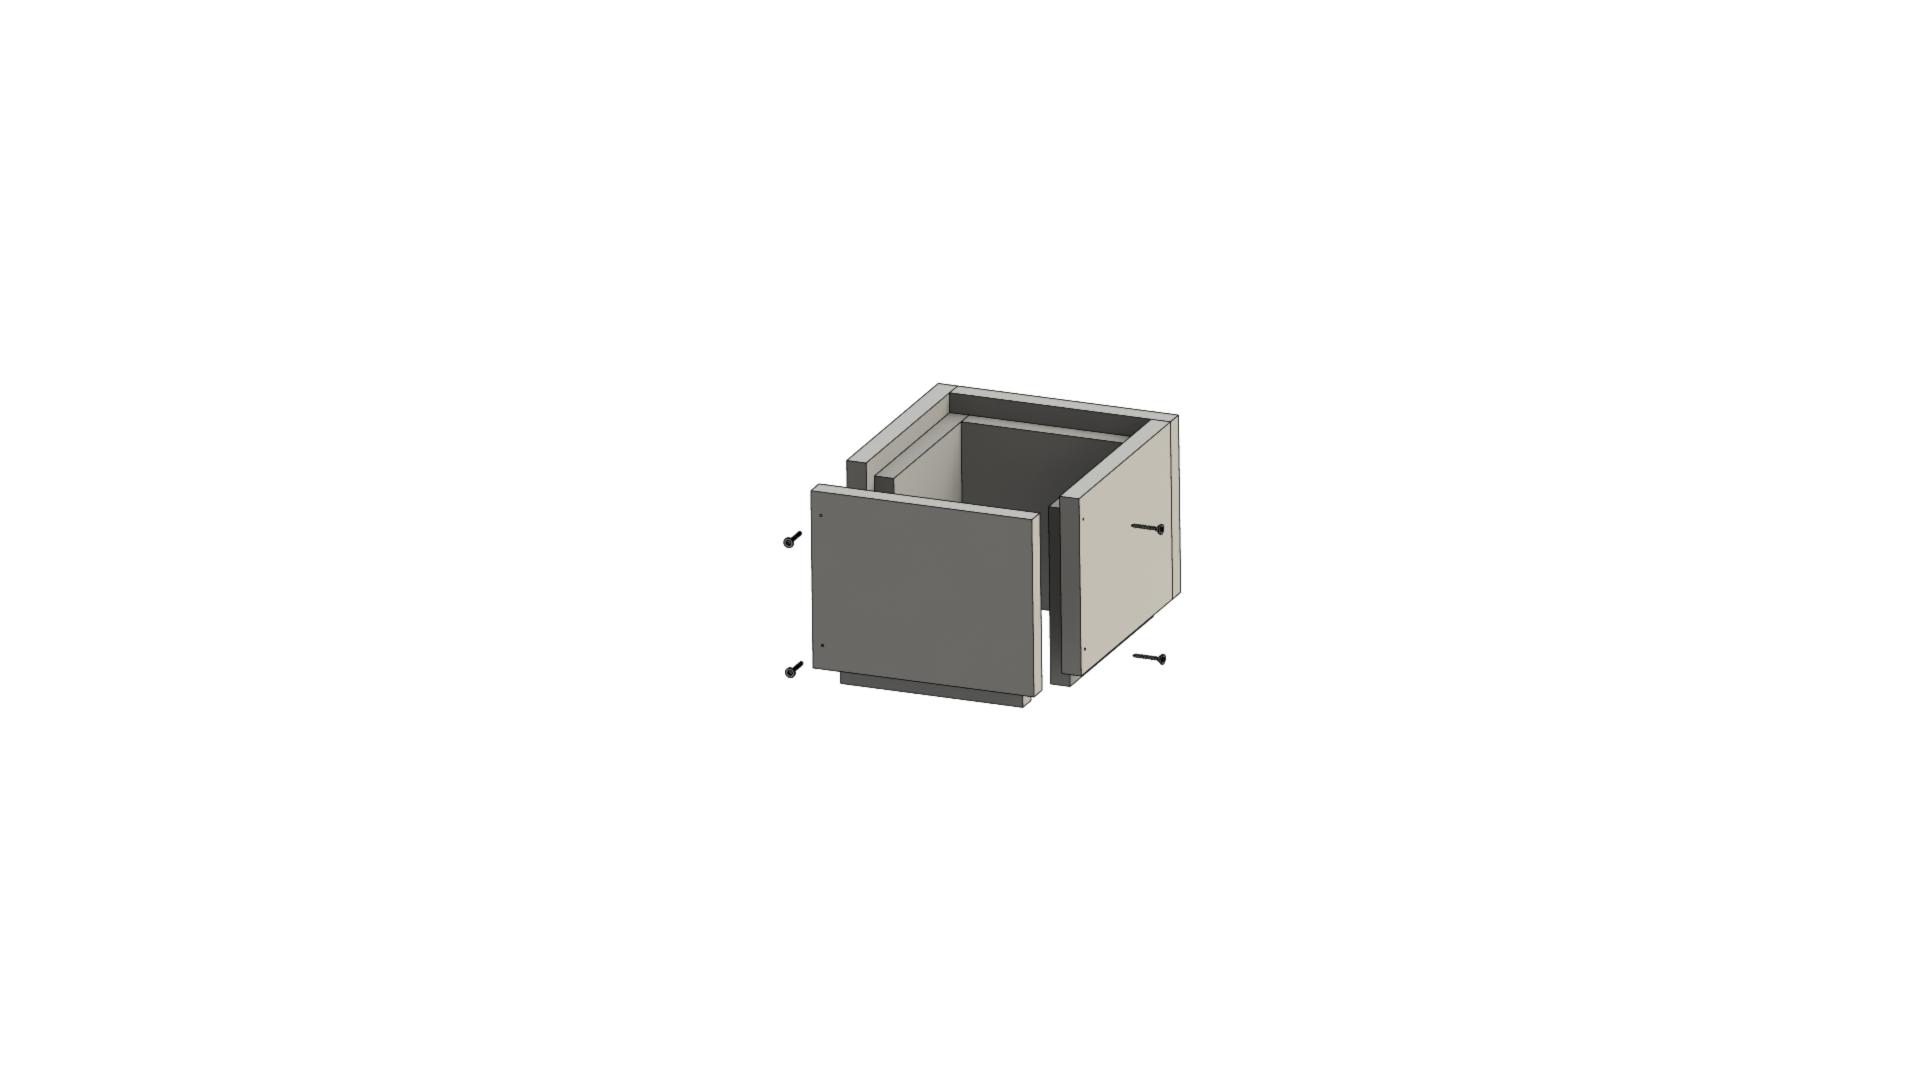 Leichtbauschornstein - Schachtelement 250 mm - Jeremias F90